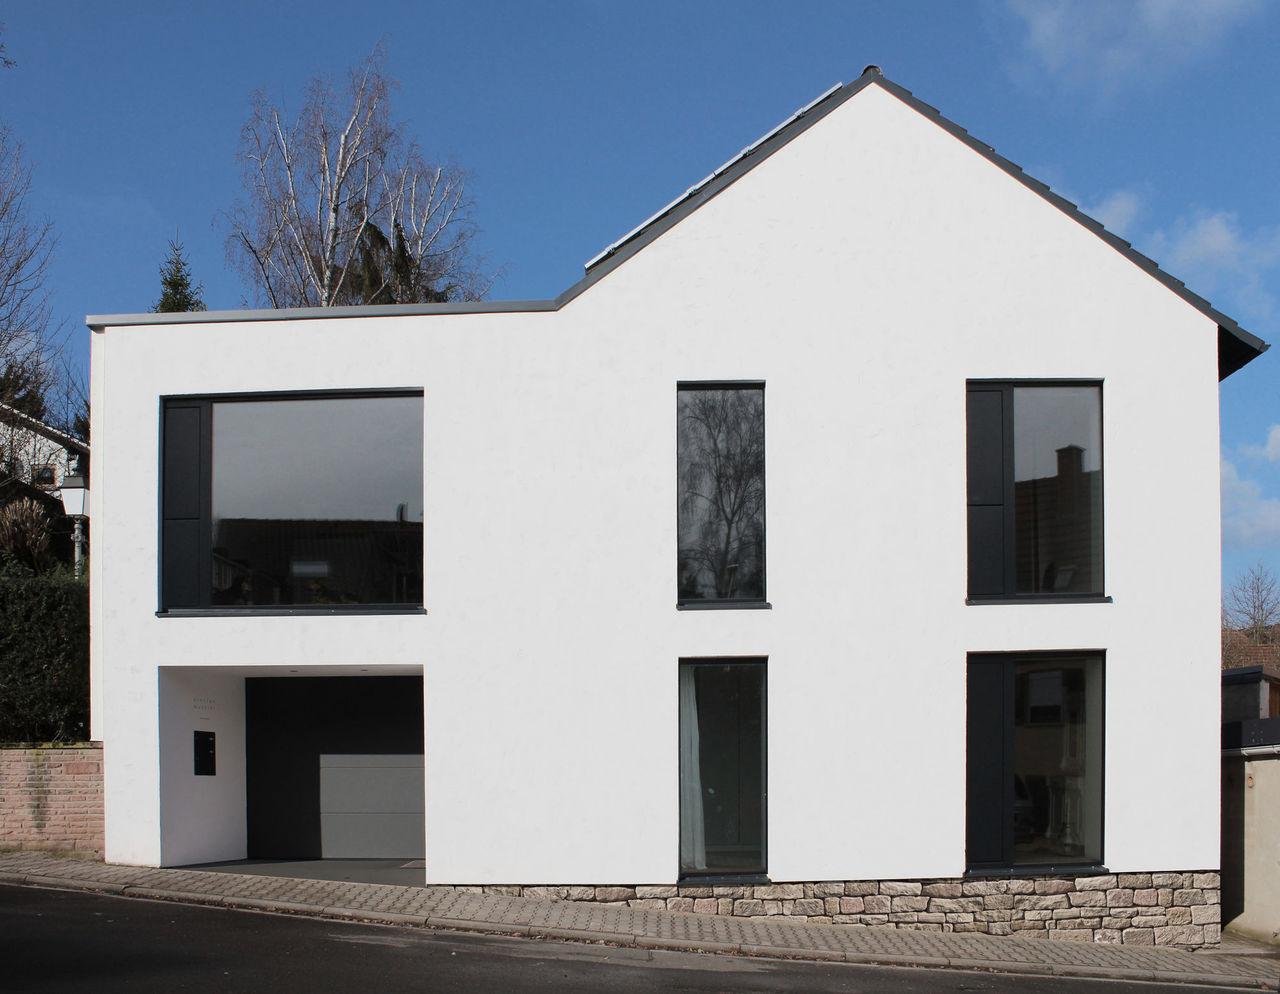 Full Size of Eichenbalken Bauhaus Kaufen Architektenkammer Rheinland Pfalz Programm Fenster Wohnzimmer Eichenbalken Bauhaus